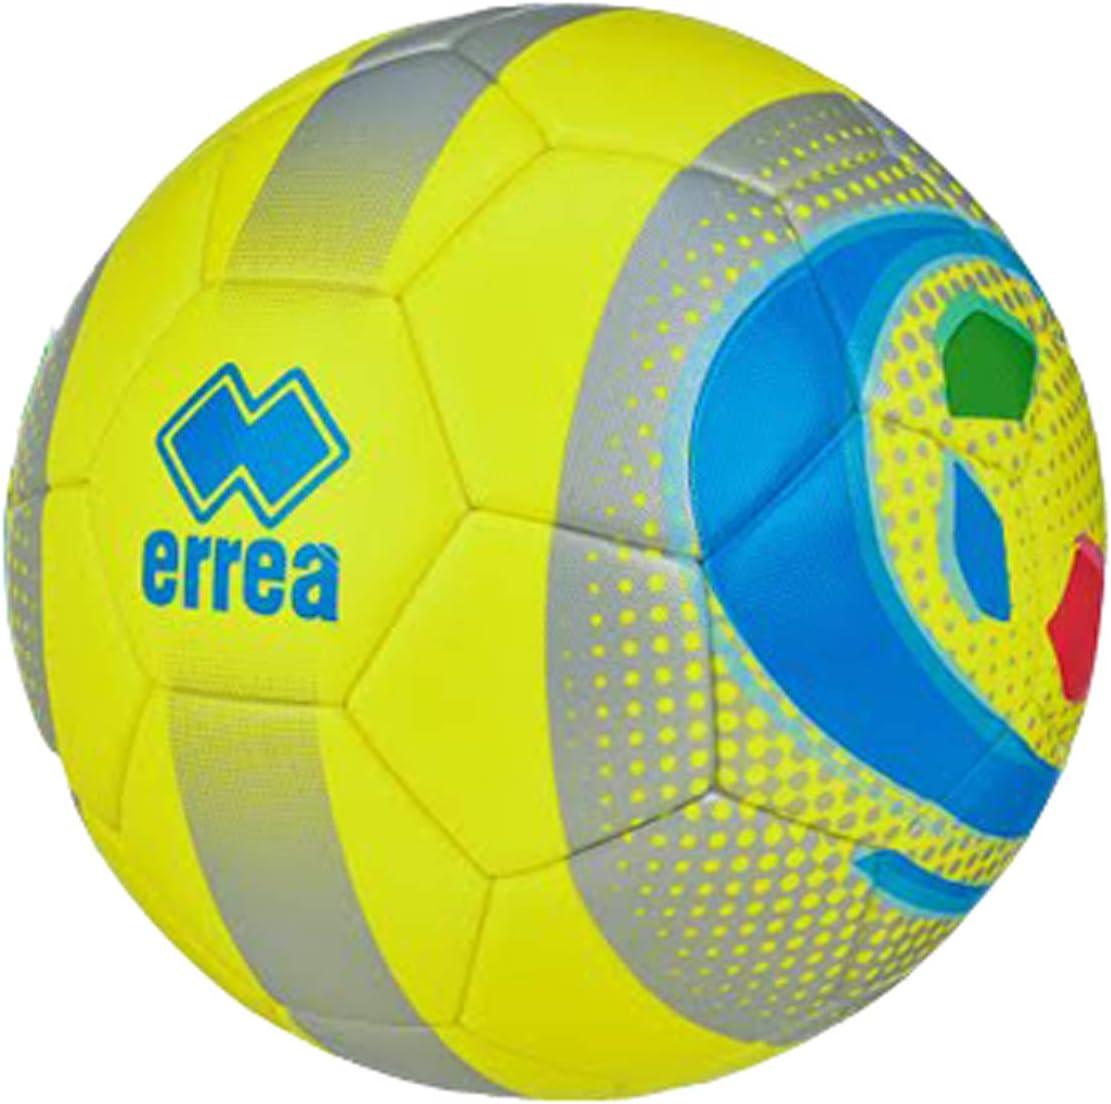 Errea Balón Oficial Serie C 2018/2019 Versión Color Amarillo ...